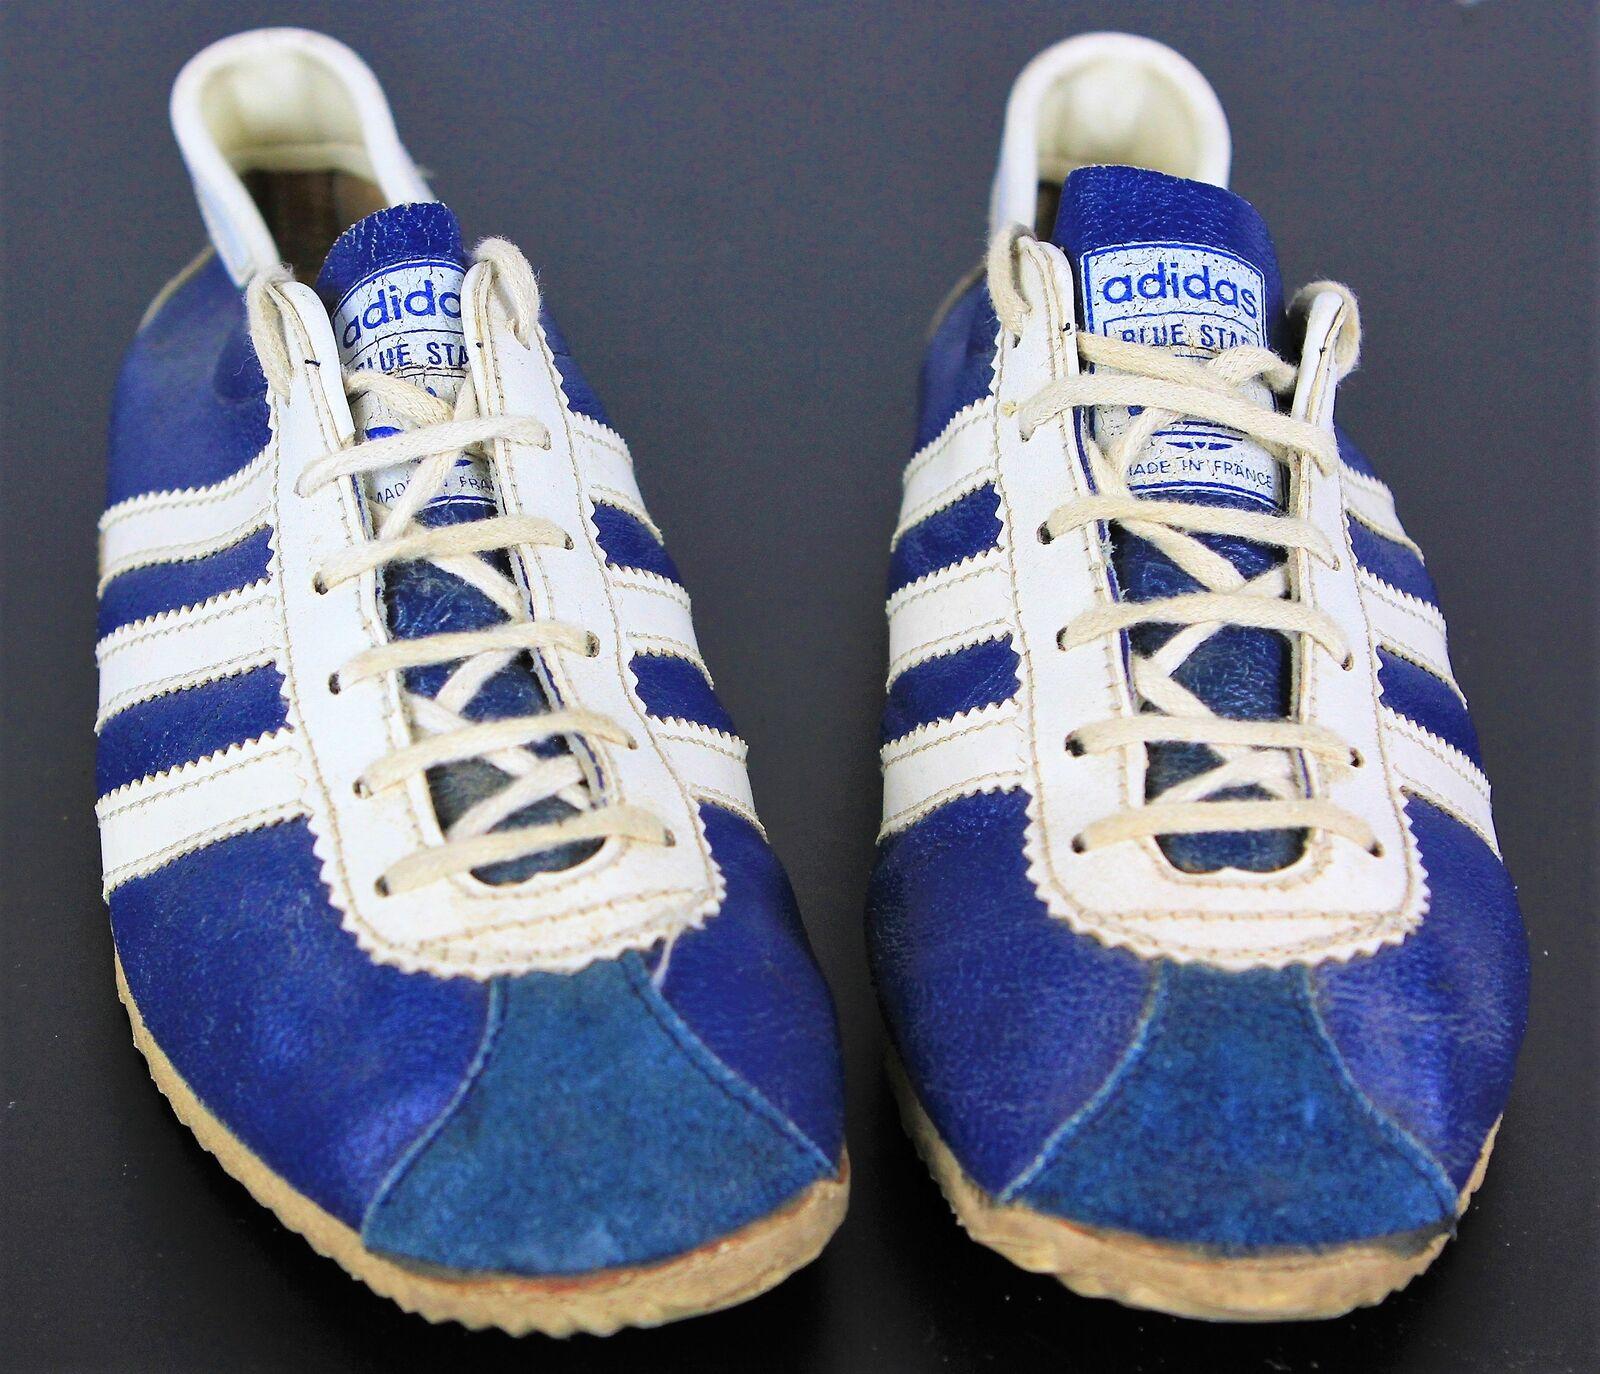 Vintage Adidas Azul Casual Strike zapatillas 244p Wild Casual Azul Shoes 79031e